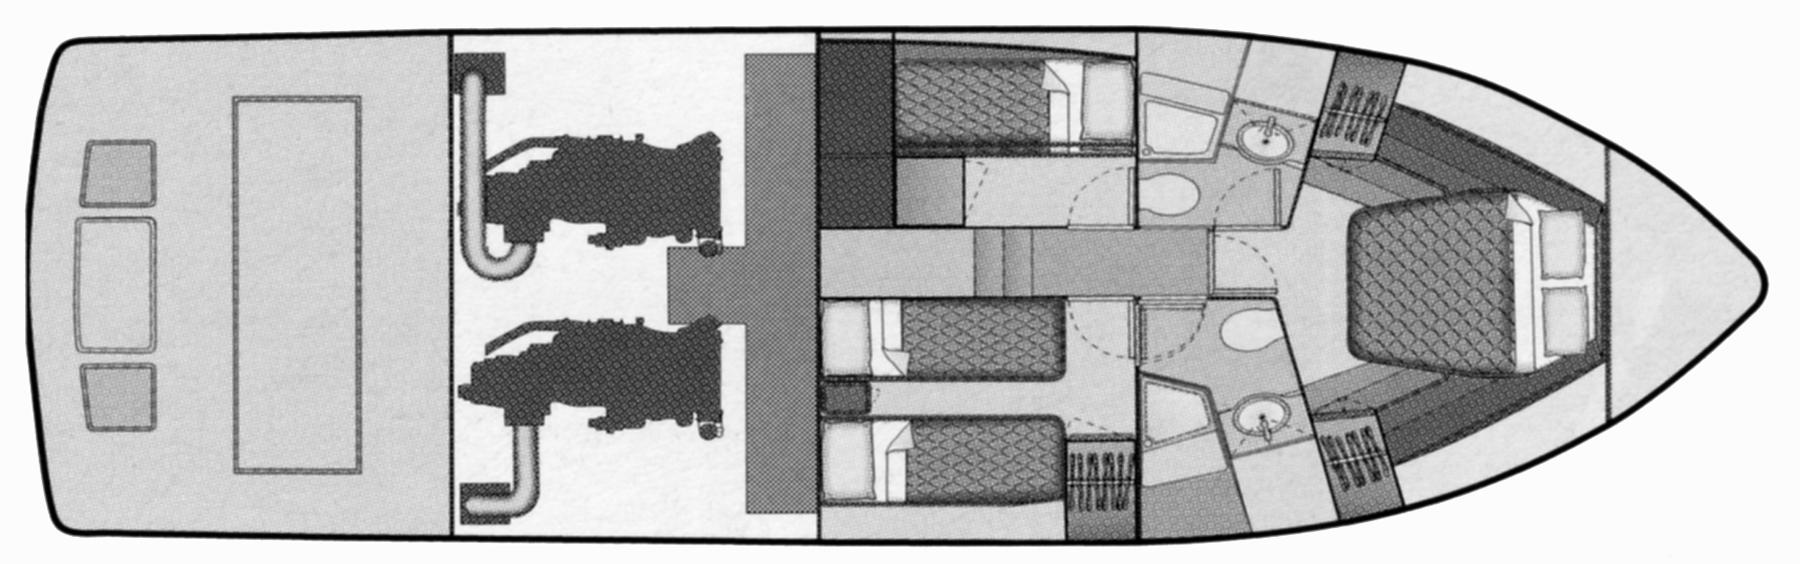 Bertram 450 Convertible Floor Plan 2